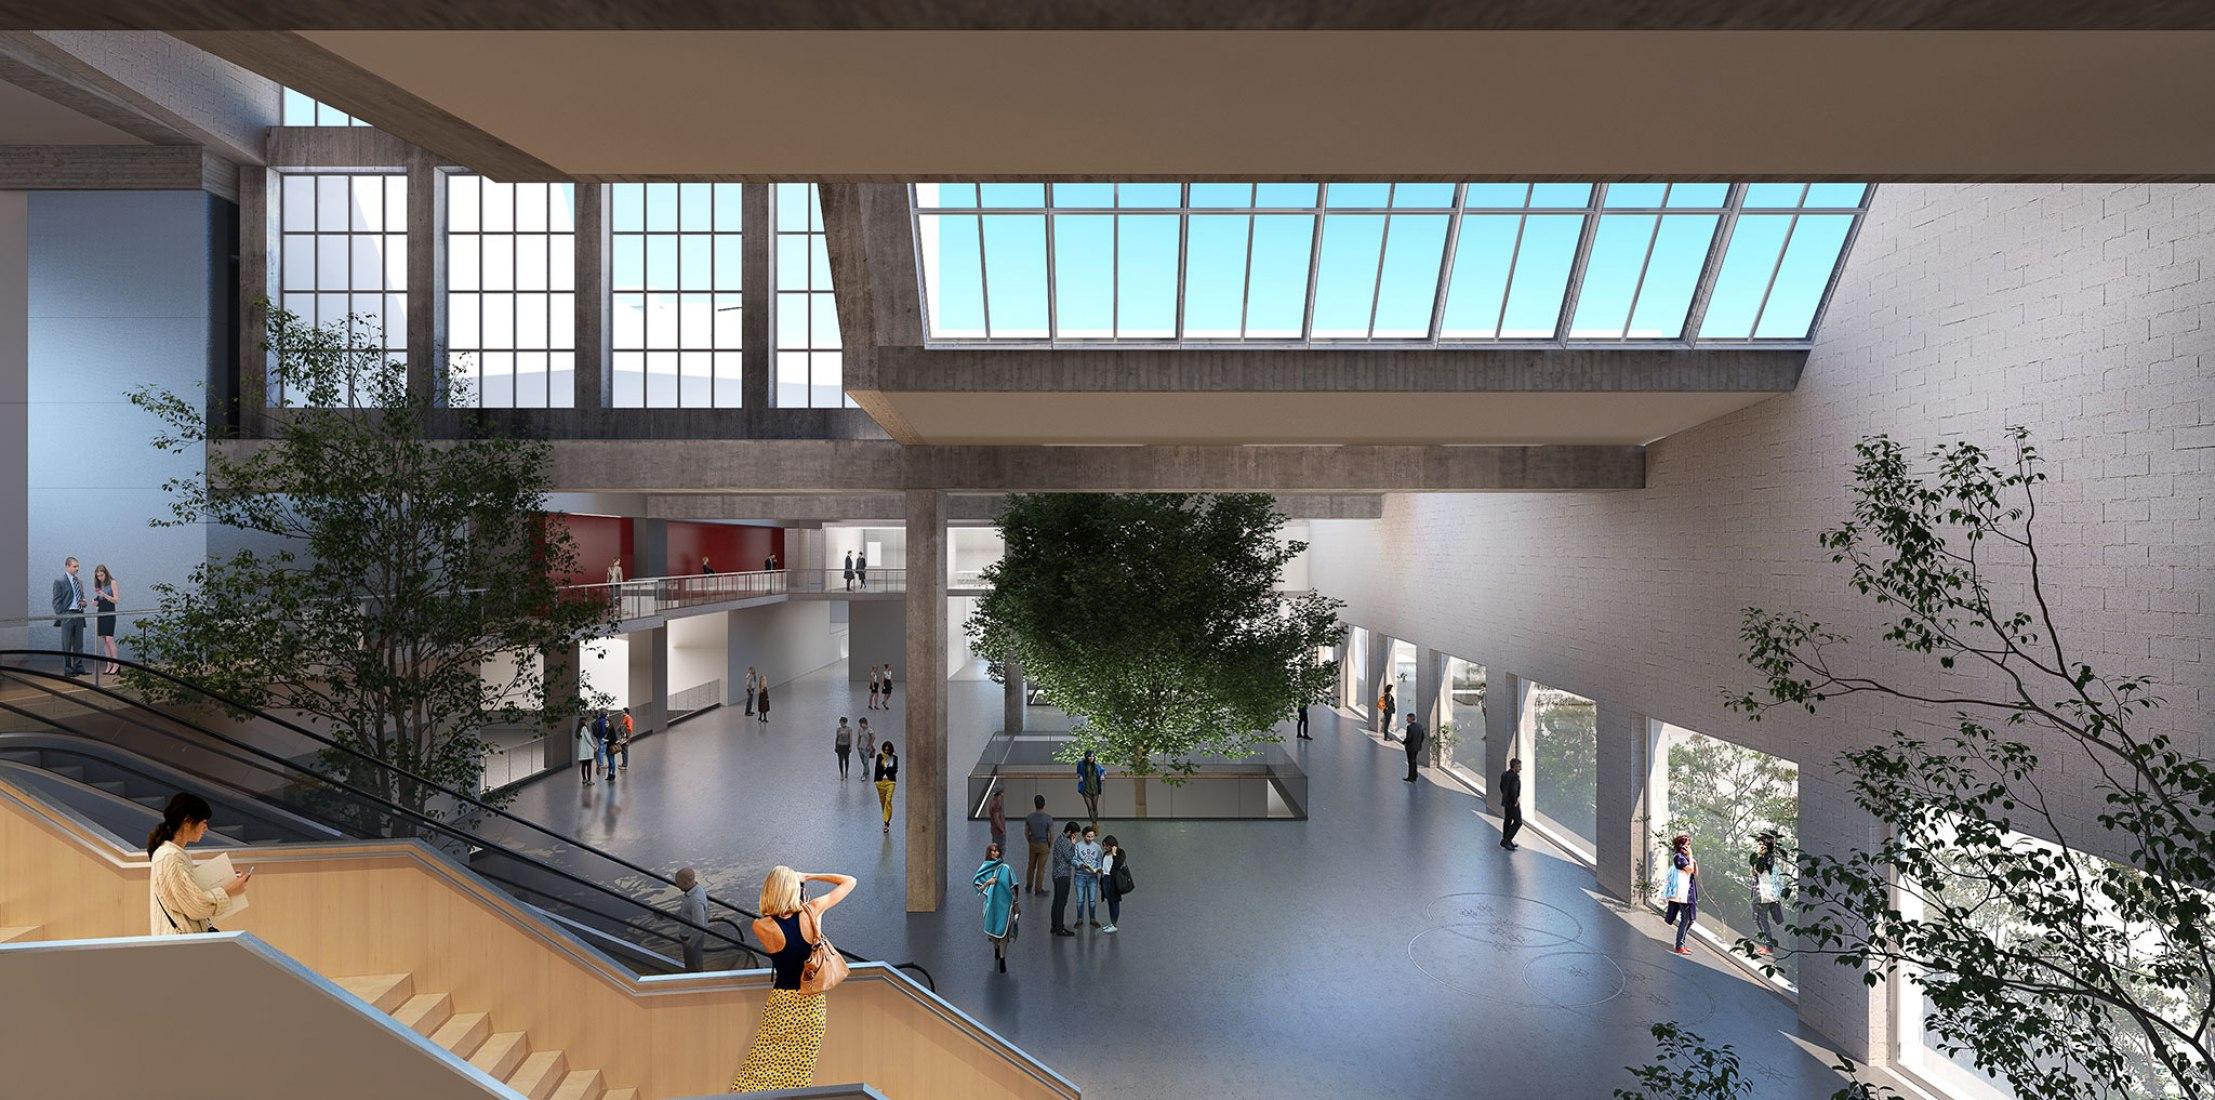 Visualización. El proyecto Val_Verde transformará la fábrica CLESA de Alejandro de la Sota para el concurso Reinventing Cities.